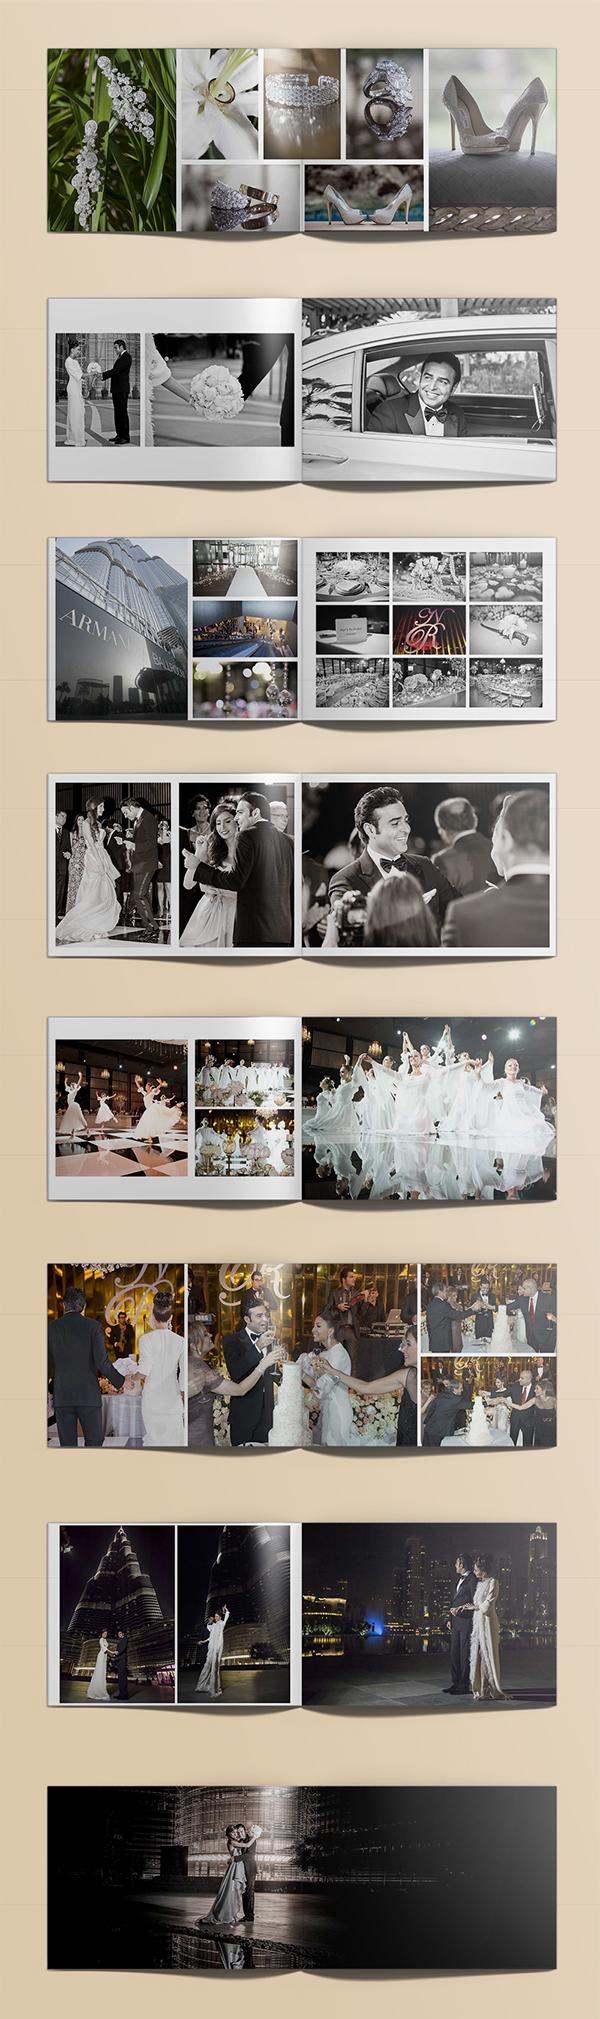 優秀的18套照片排版設計欣賞